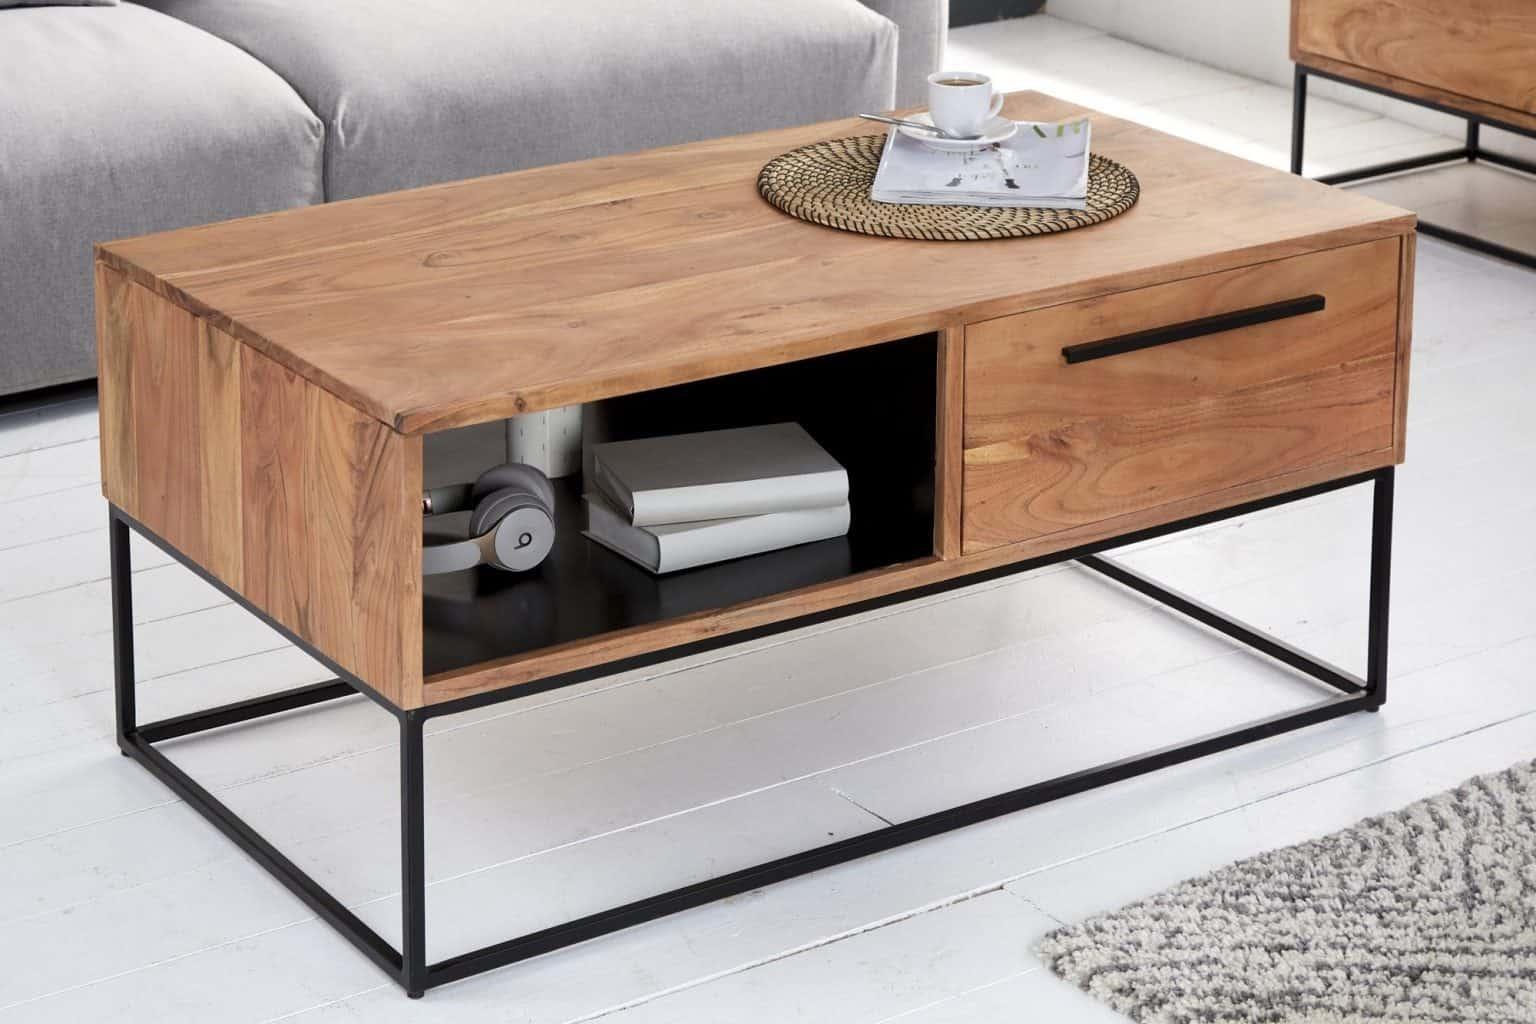 Konferečný stolík s úložným priestorom. Zdroj: iKuchyne.sk